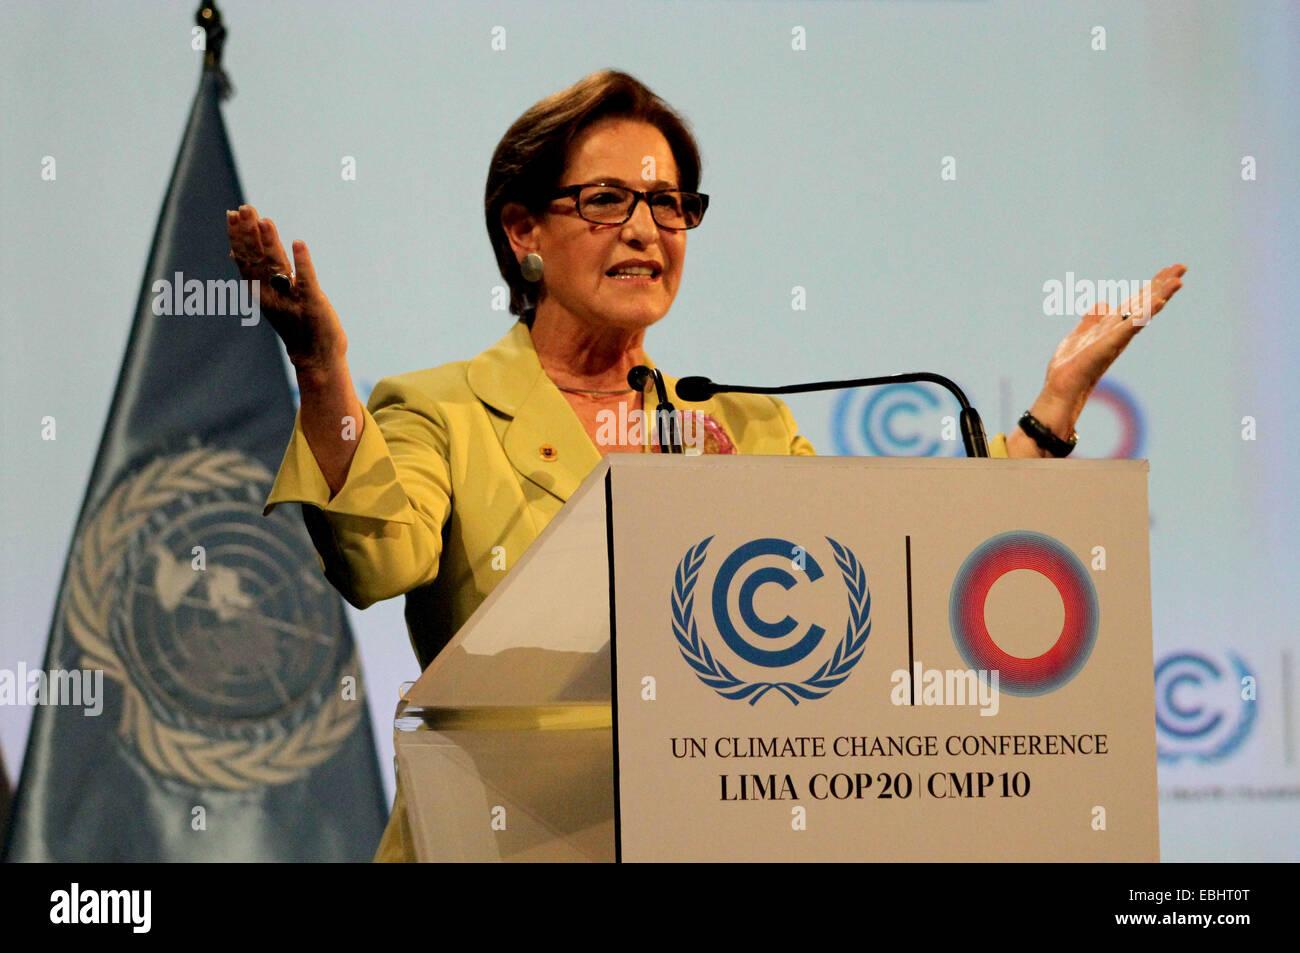 Lima, Pérou. 1er décembre 2014. Le maire de Lima Susana Villaran prononce un discours lors de la cérémonie Photo Stock